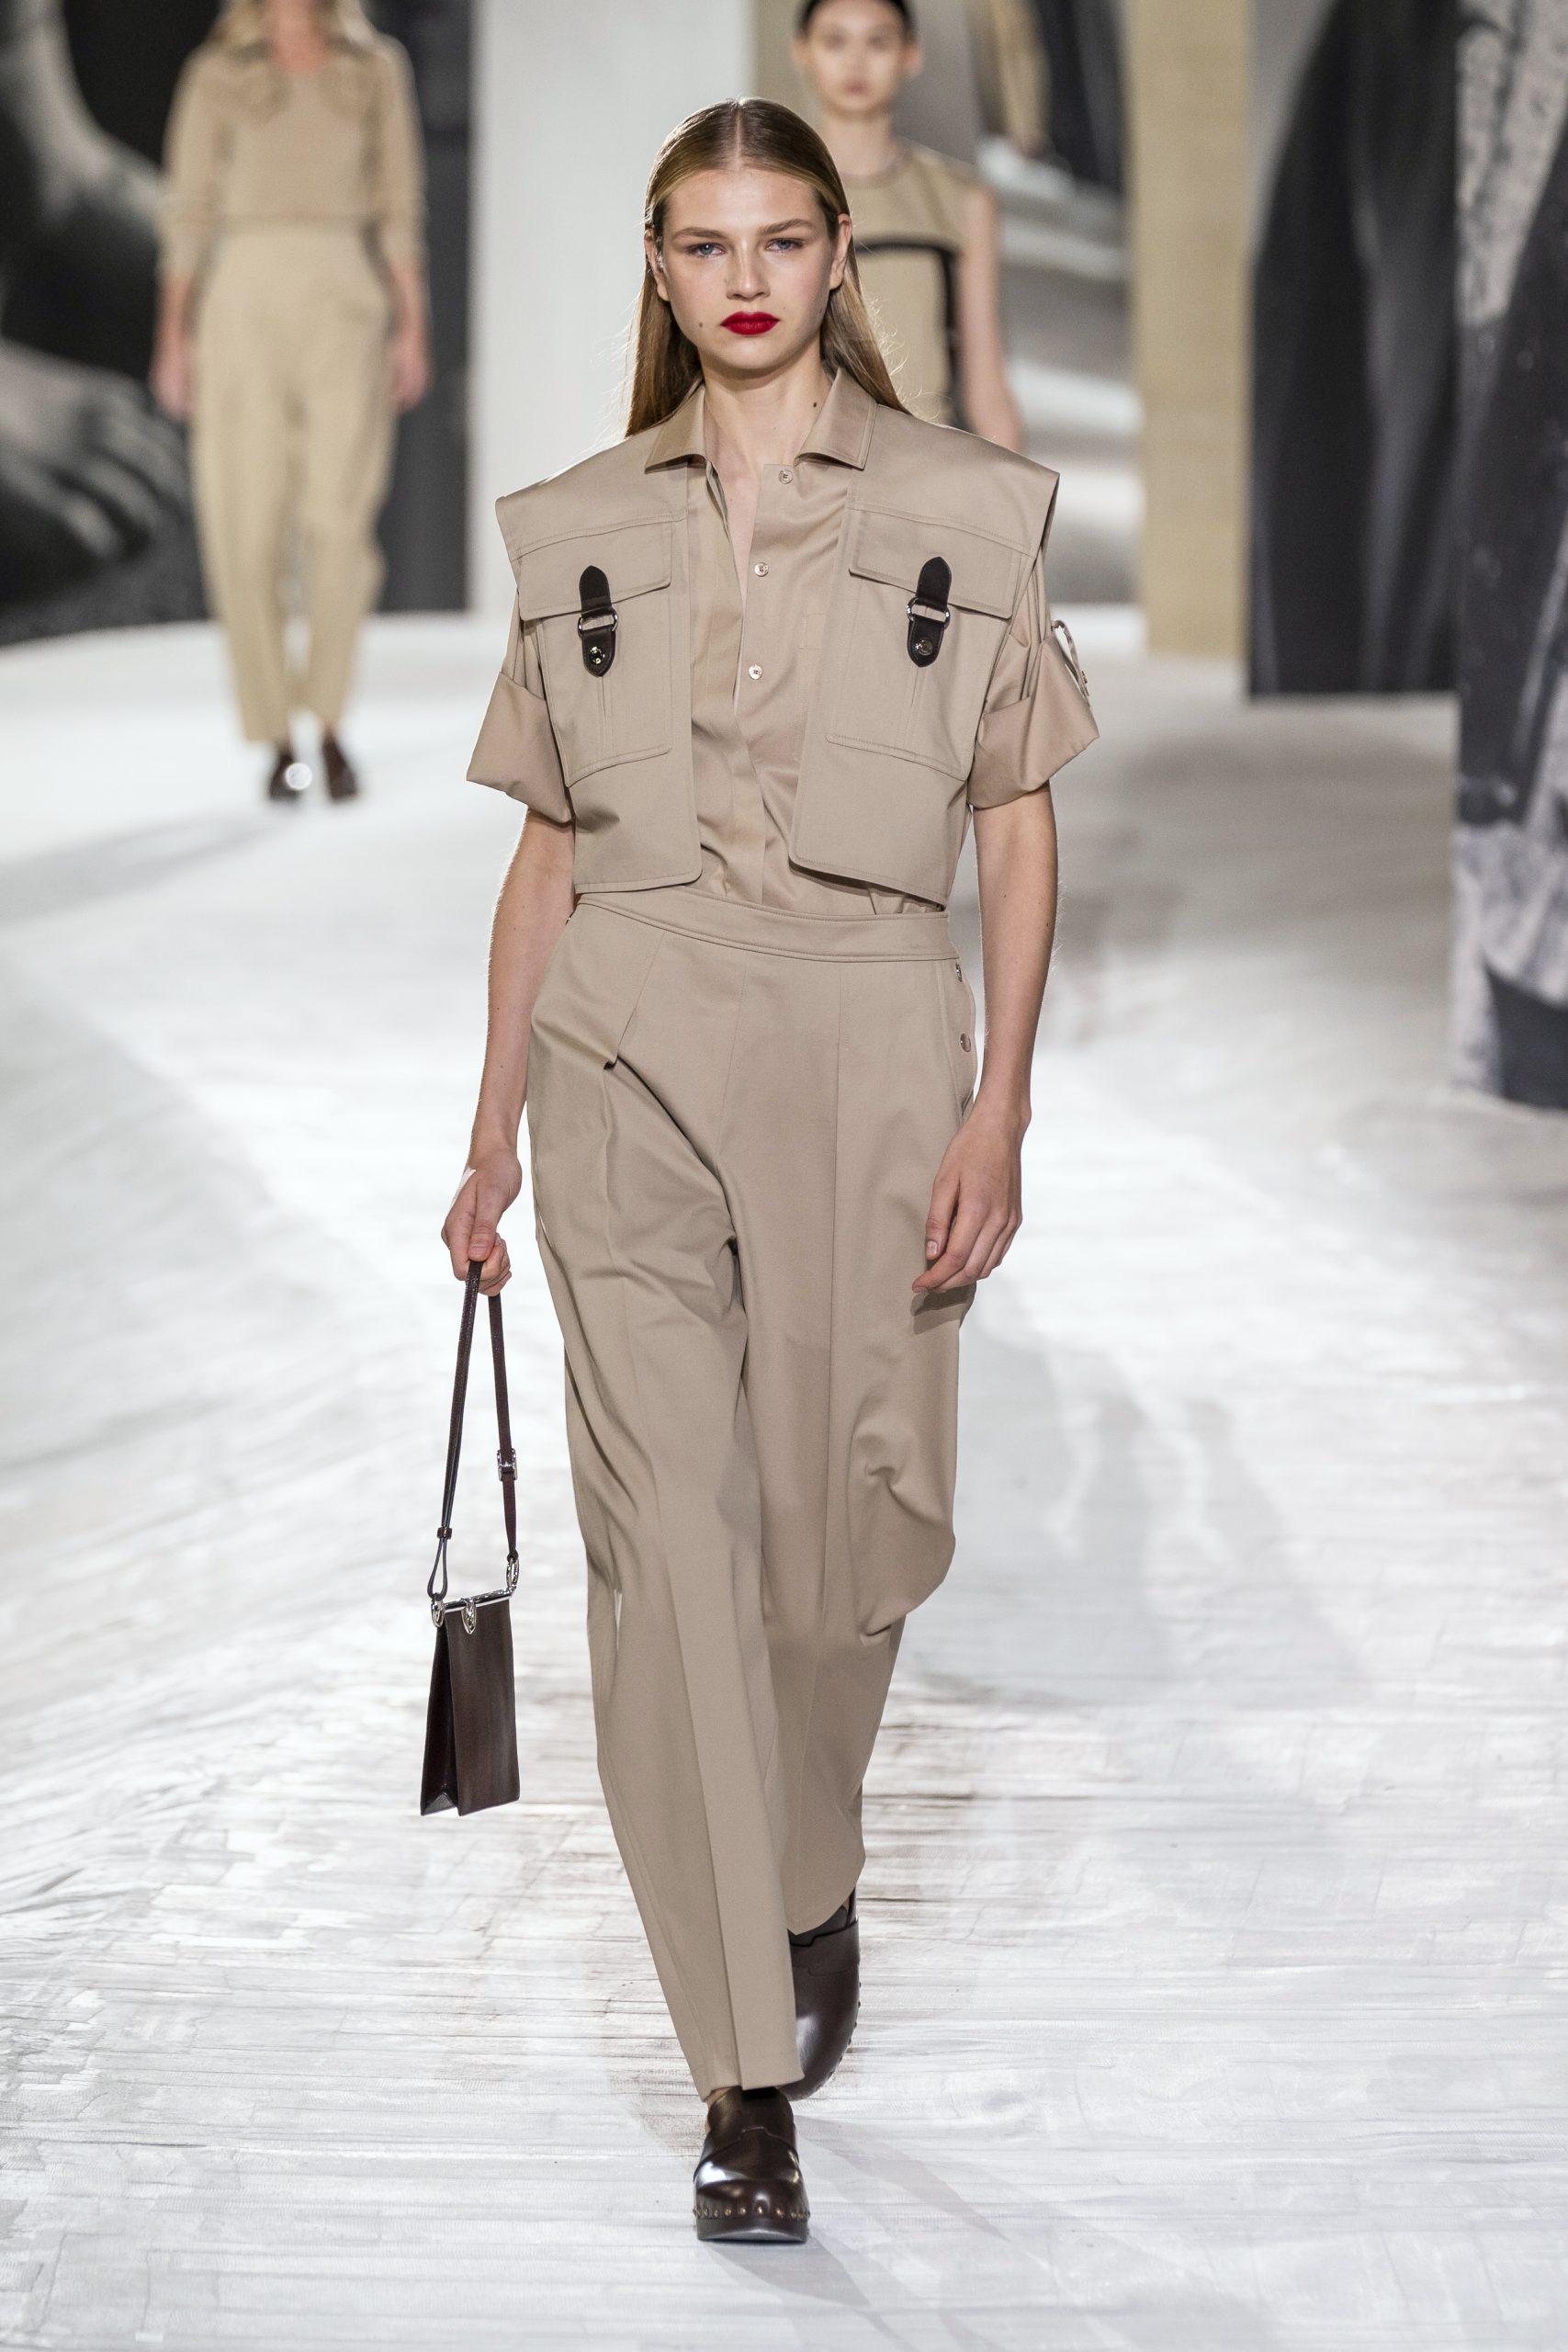 7. kép: Párizsi divathét - Hermès - 2021 tavasz-nyár - ready to wear